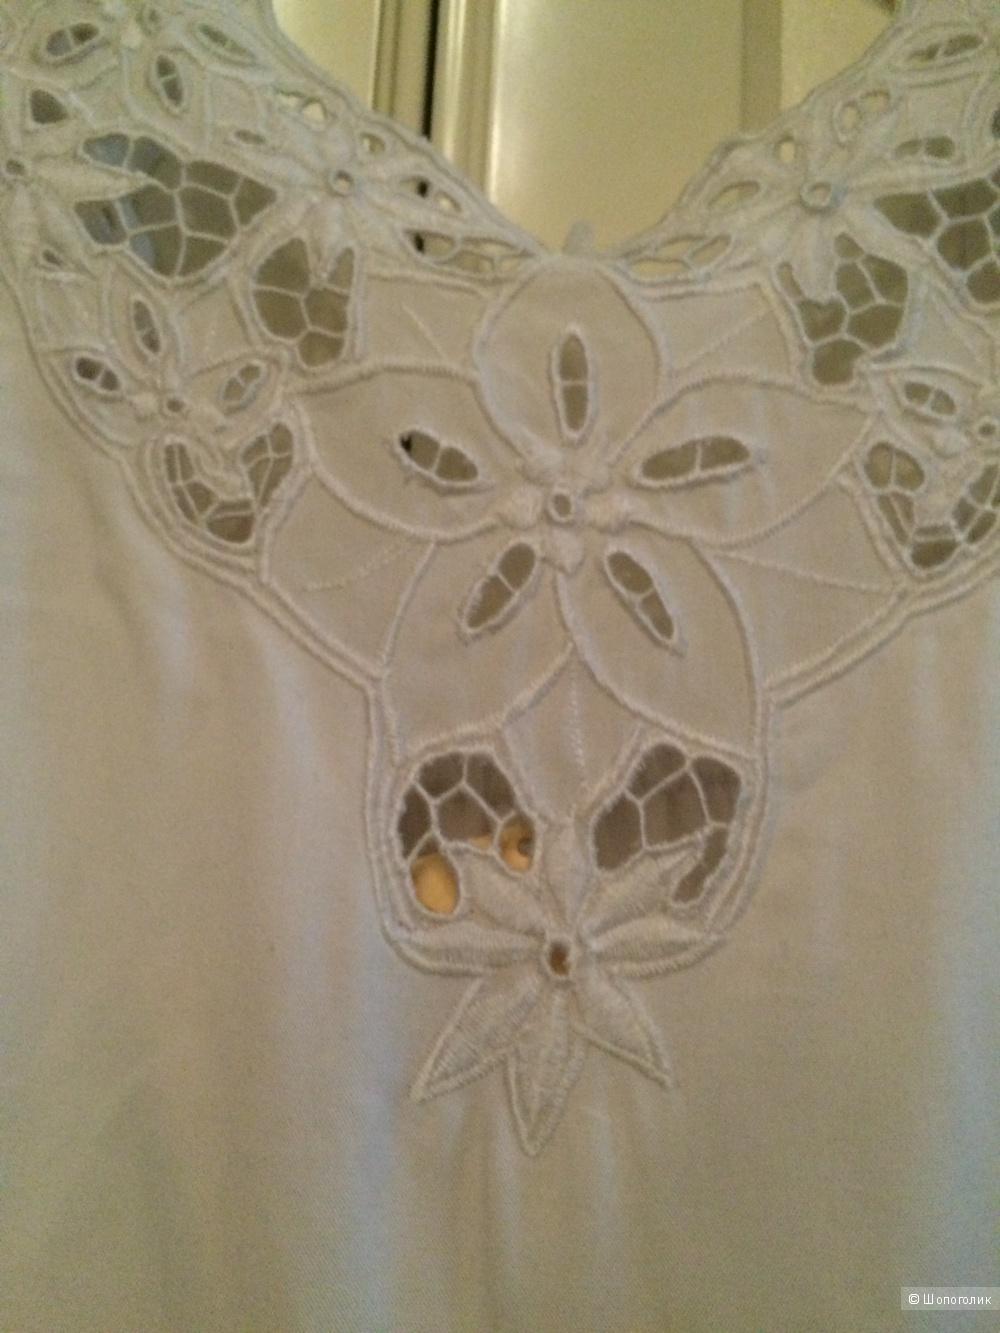 Летнее платье дорогого индонезийского бренда Uluwatu, росс. размер 44